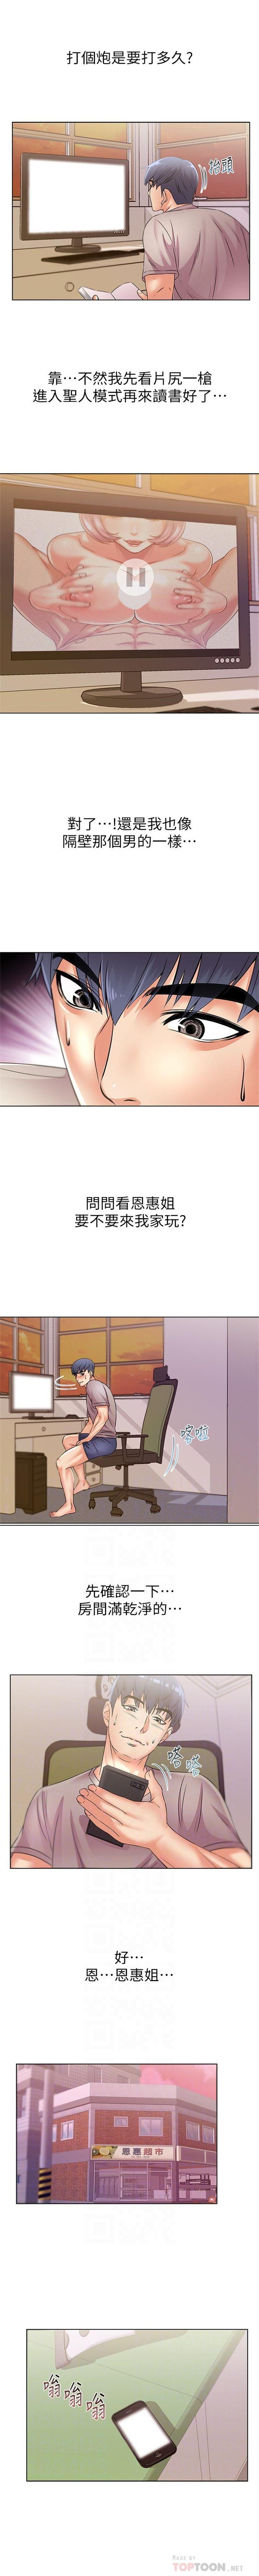 (週3)超市的漂亮姐姐 1-22 中文翻譯(更新中) 124